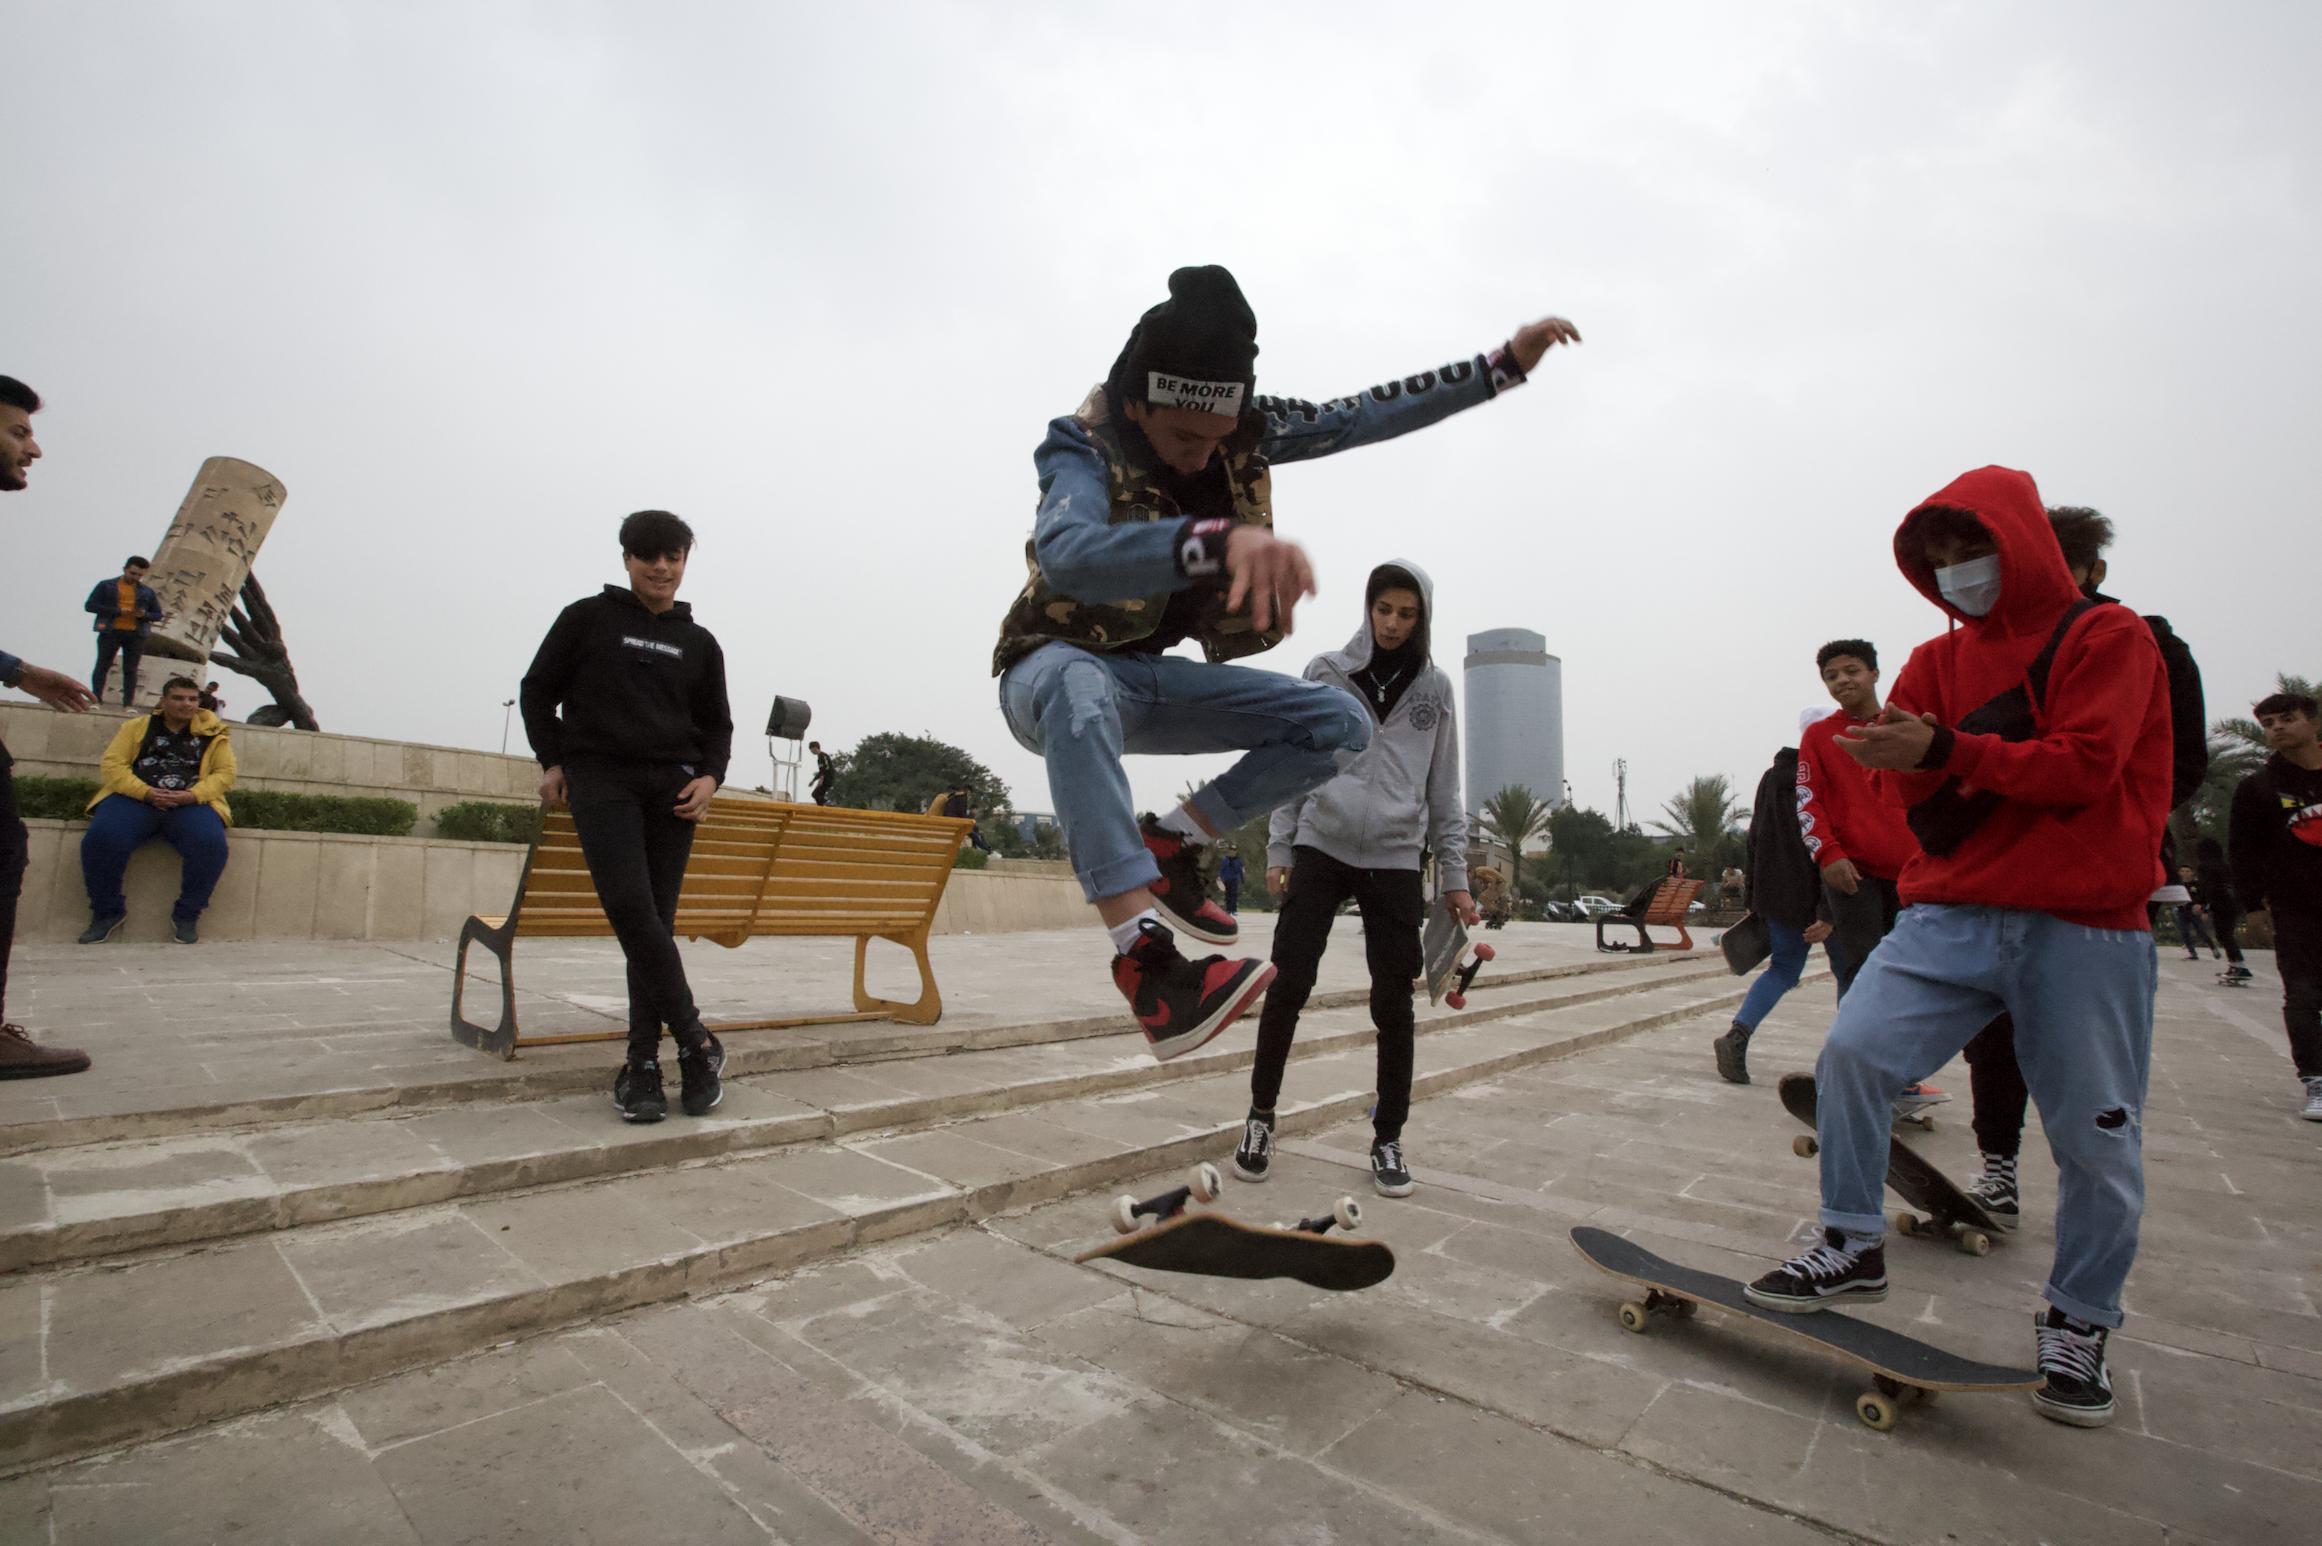 Seorang skater melakukan trik di depan teman-temannya.